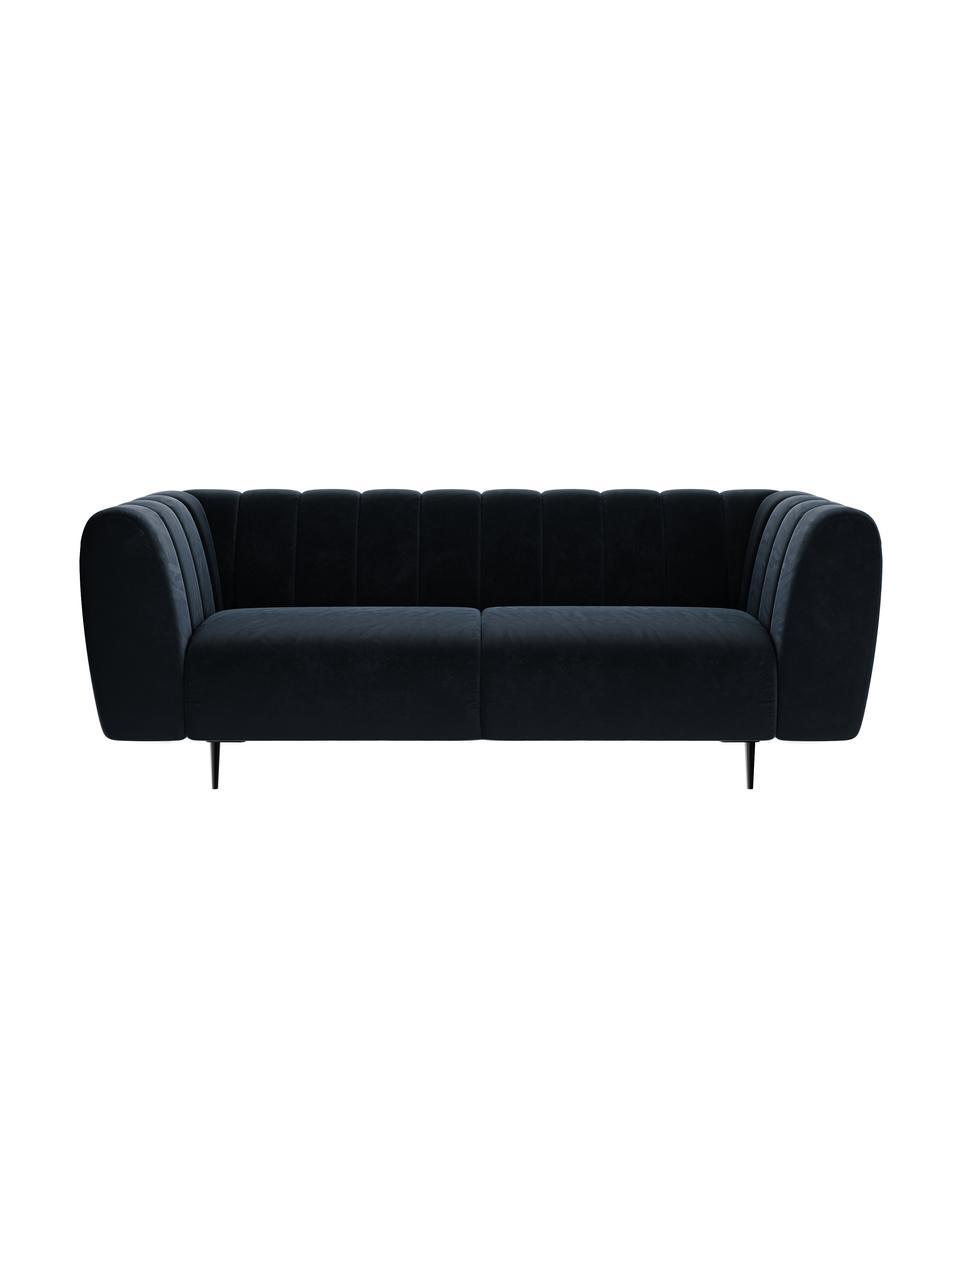 Sofa z aksamitu Shel (3-osobowa), Tapicerka: 100% aksamit poliestrowy, Stelaż: drewno liściaste, drewno , Nogi: metal powlekany Dzięki tk, Ciemny niebieski, S 210 x G 95 cm